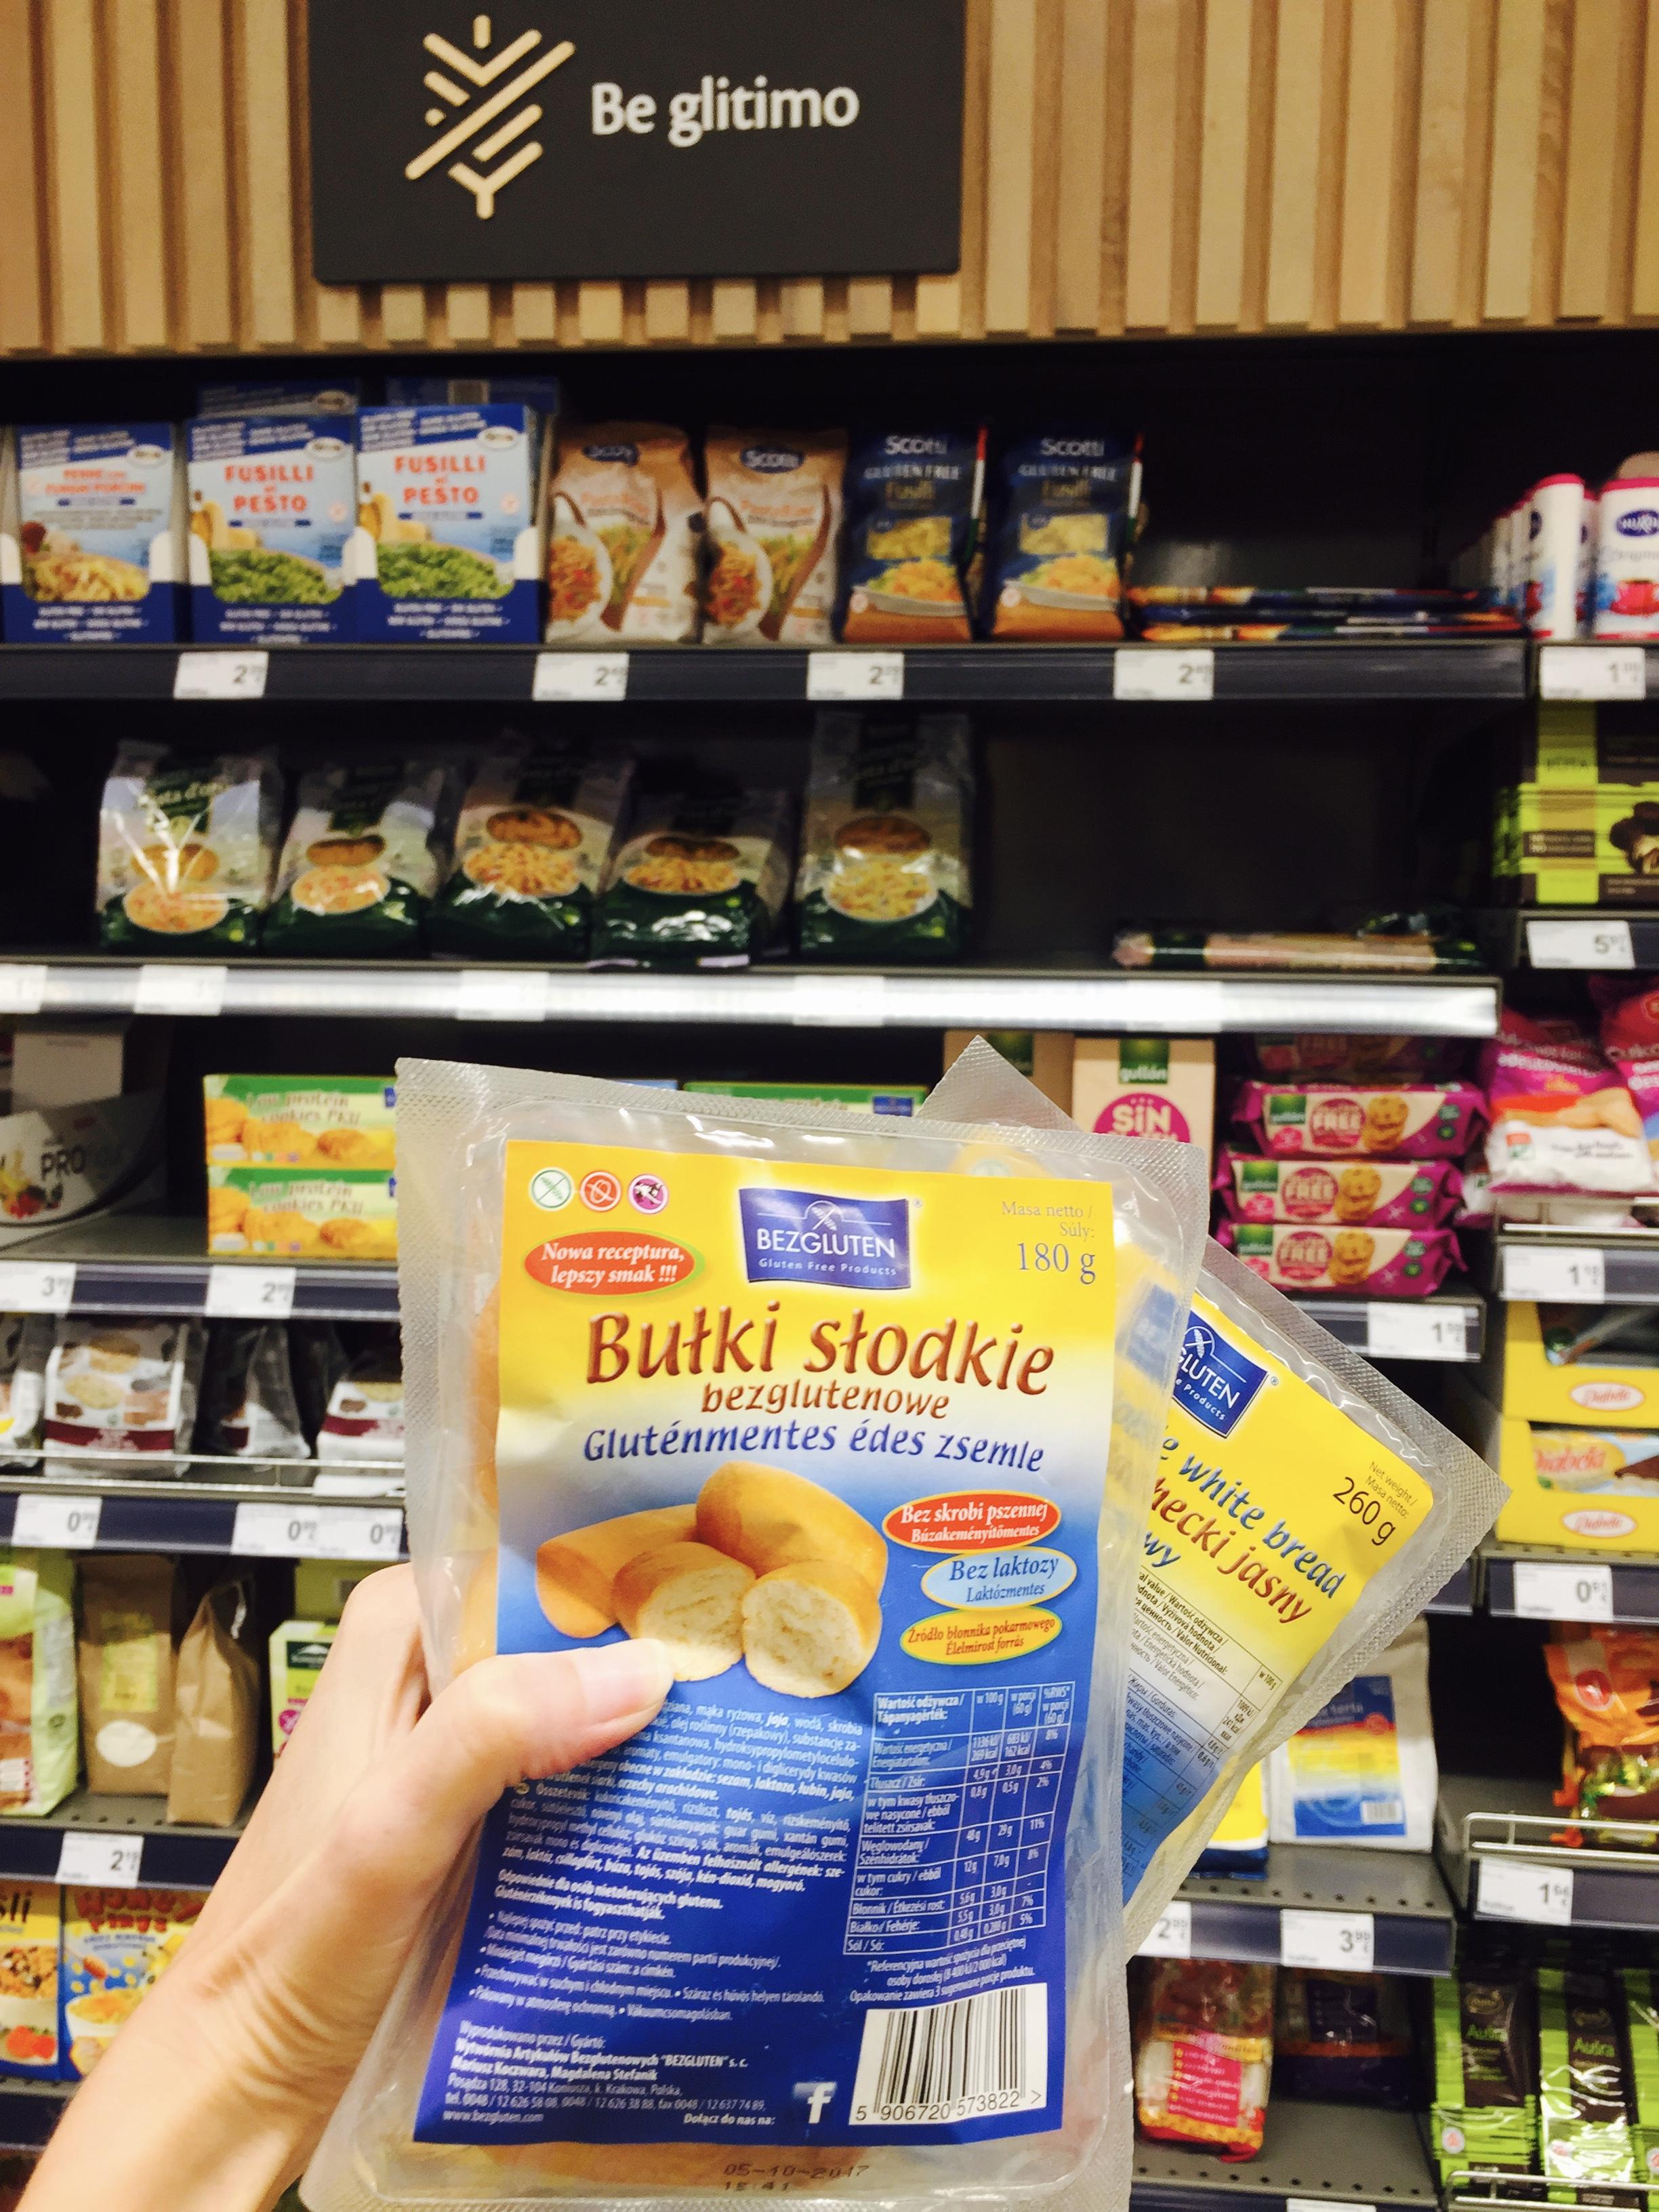 Bezgluten duona be gliuteno Maxima.jpg